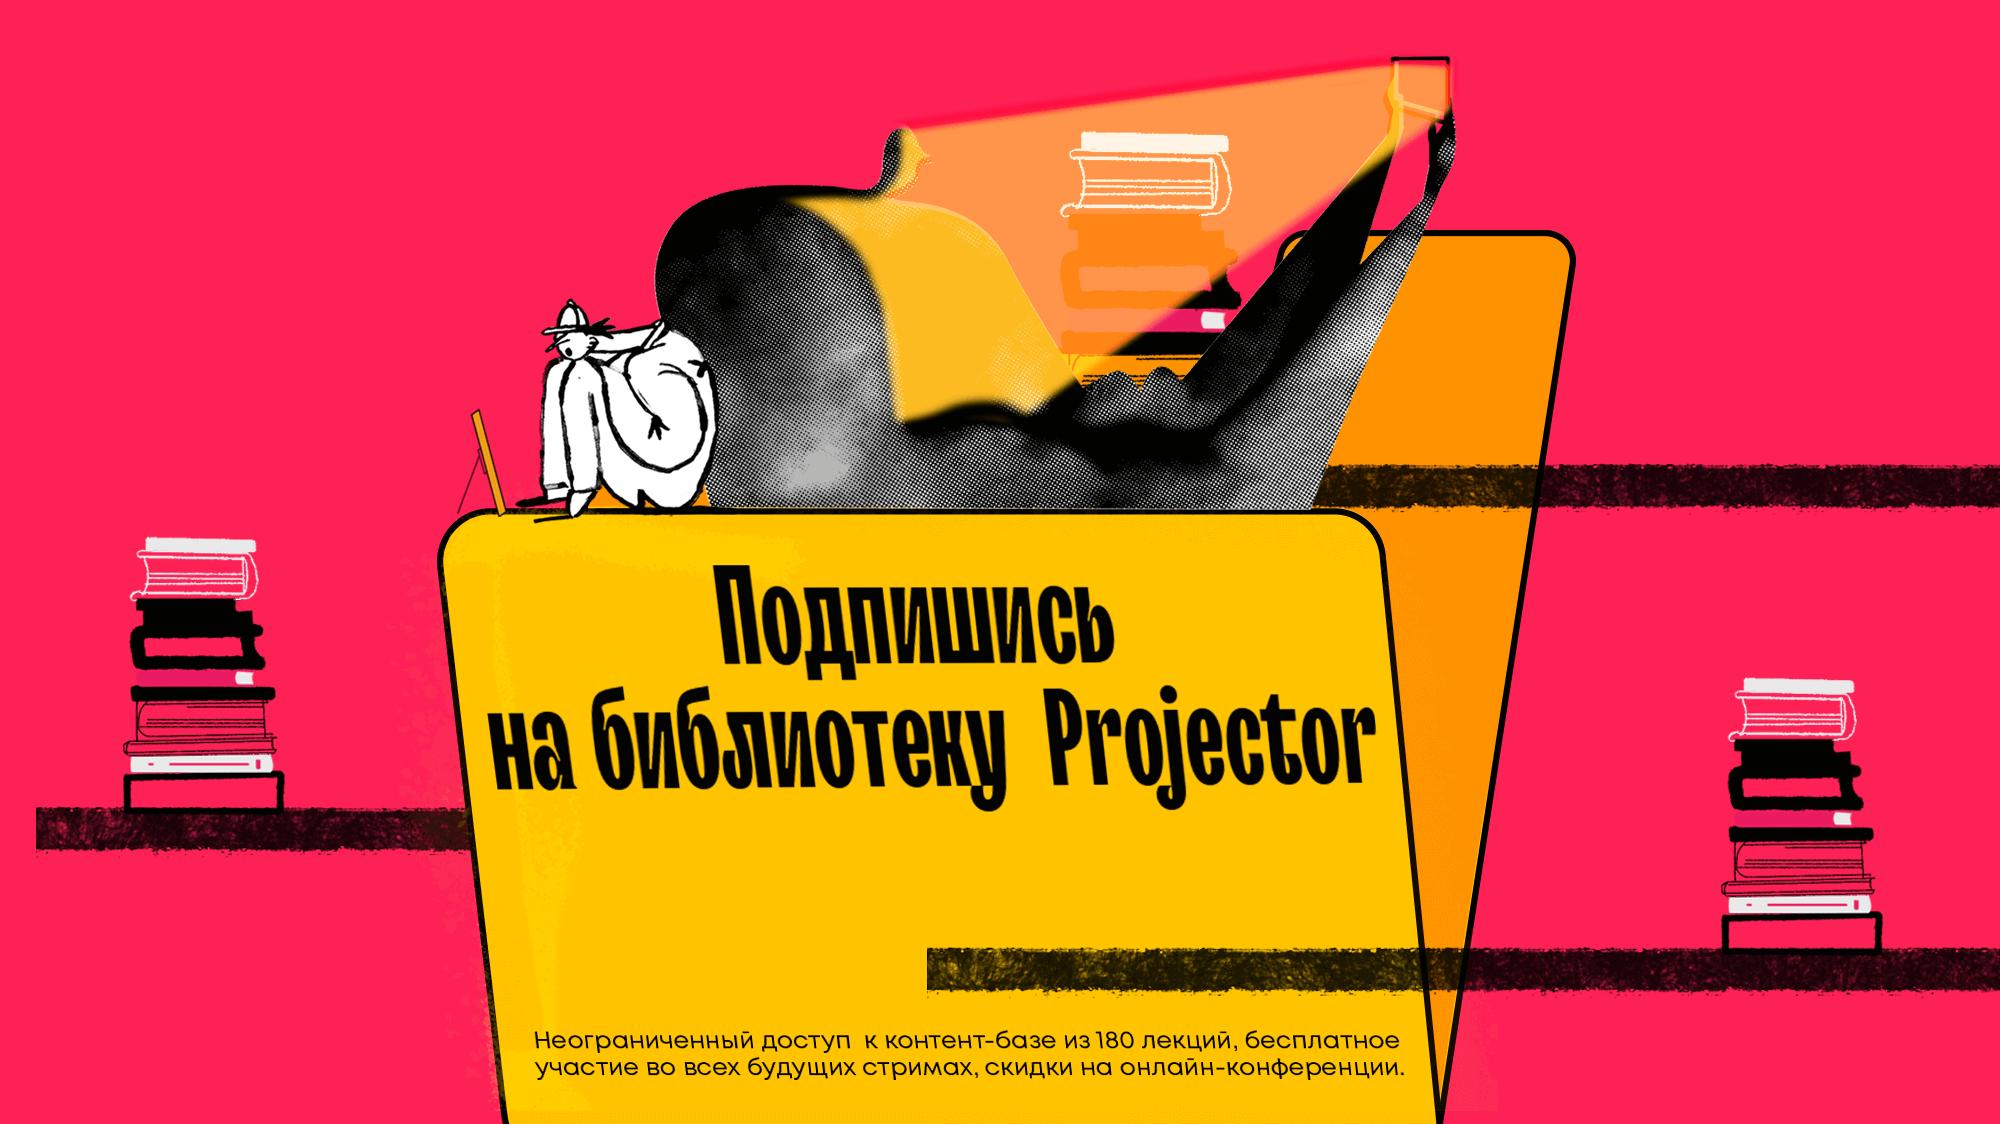 Подписка на библиотеку Projector